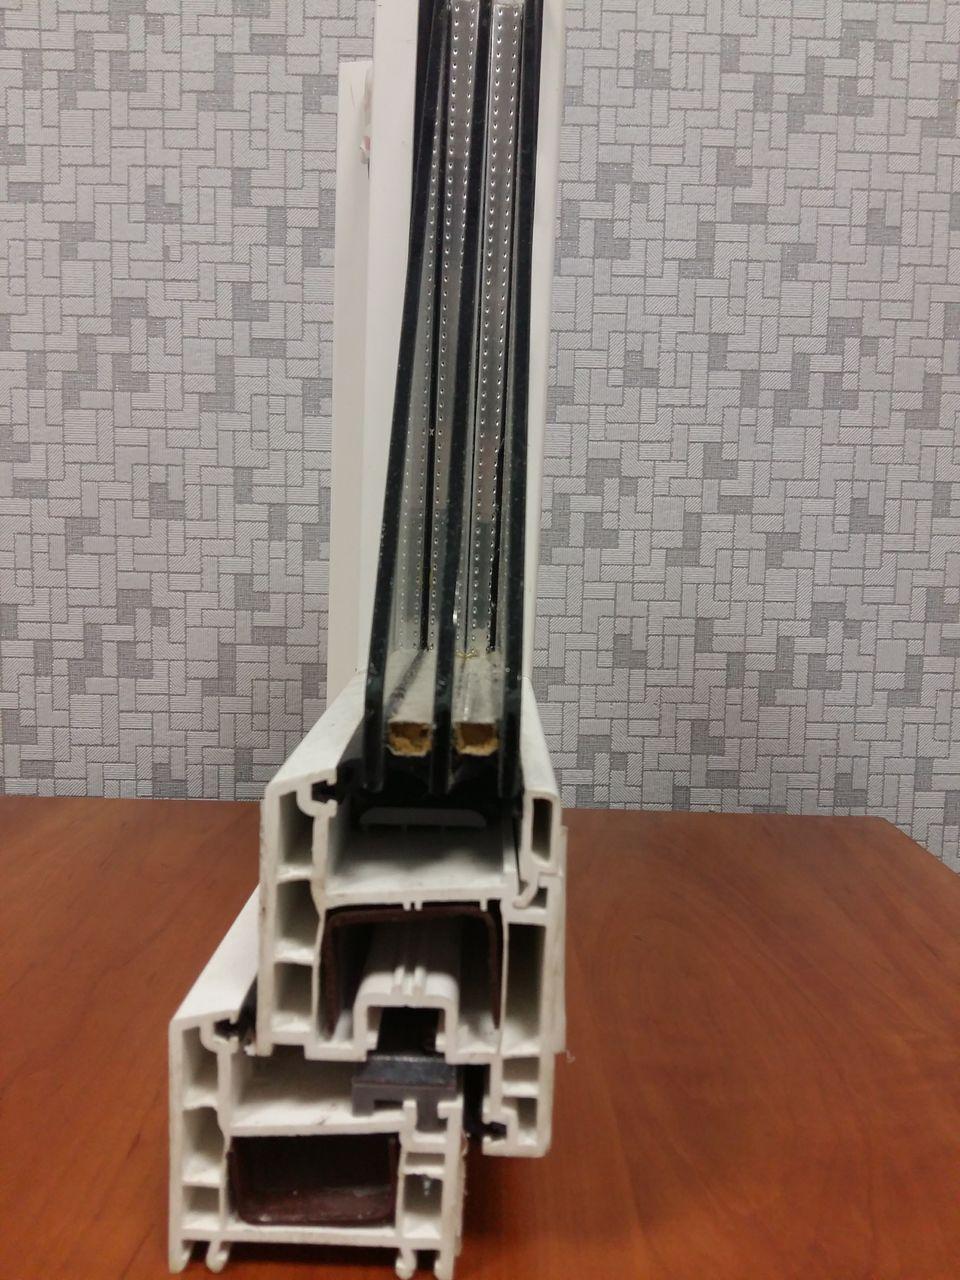 Стеклопакет с формулой 4-10-4-10-4: две камеры по 10 мм и 3 стекла толщиной 4 миллиметра каждое.